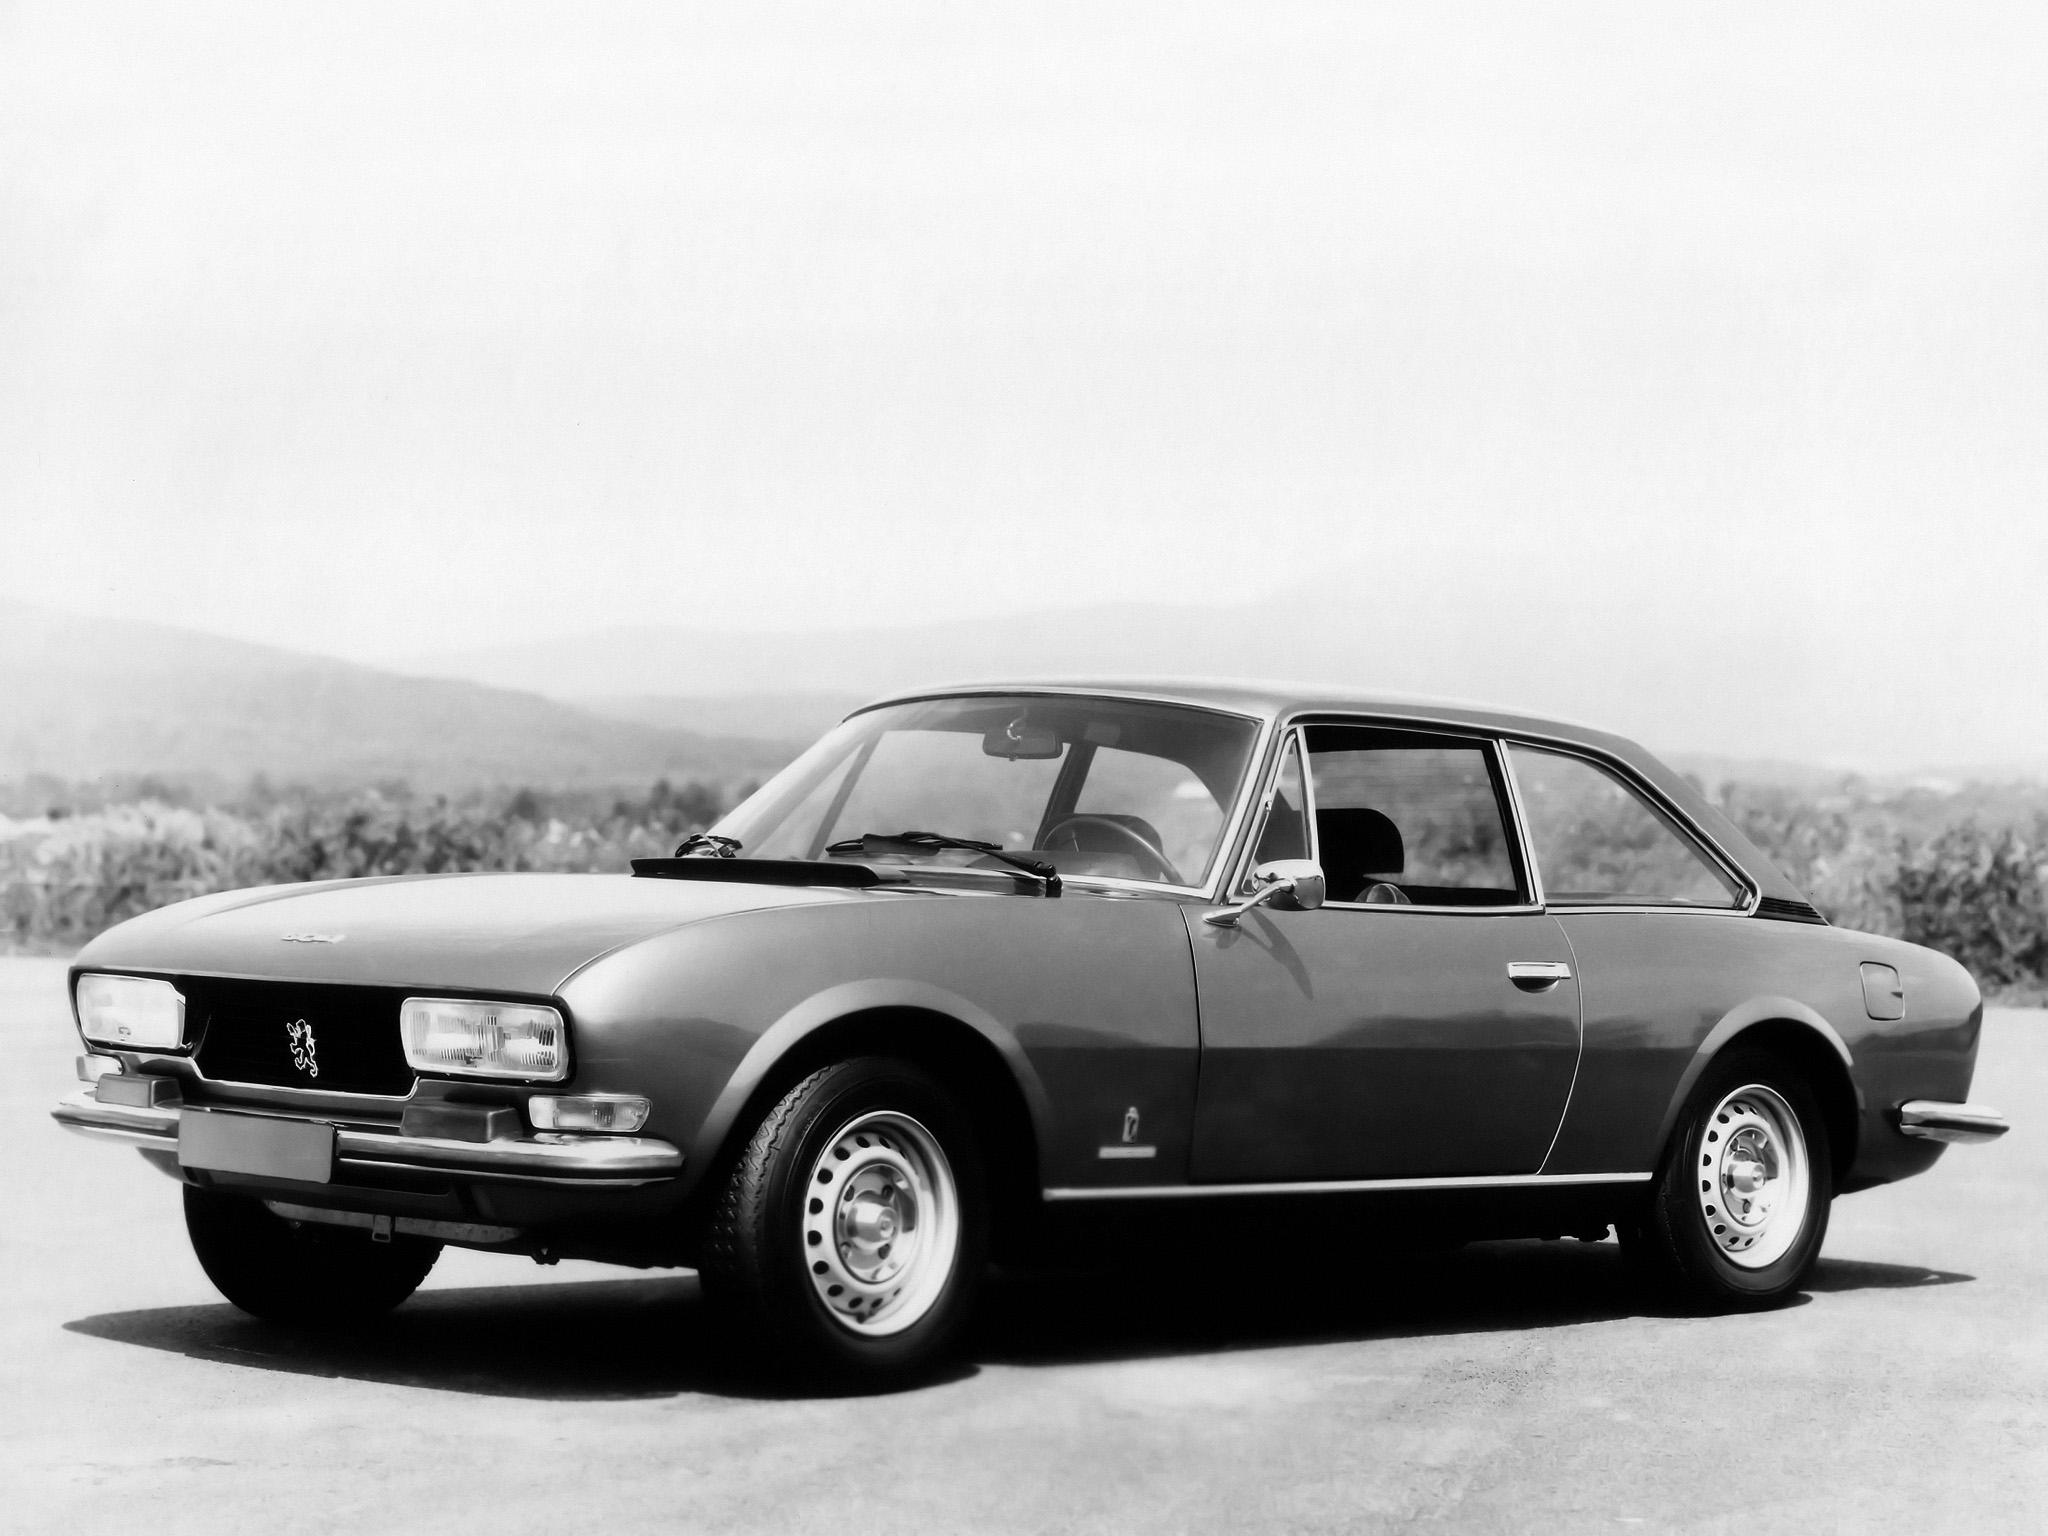 Peugeot 504 1968 - 1989 Cabriolet #2